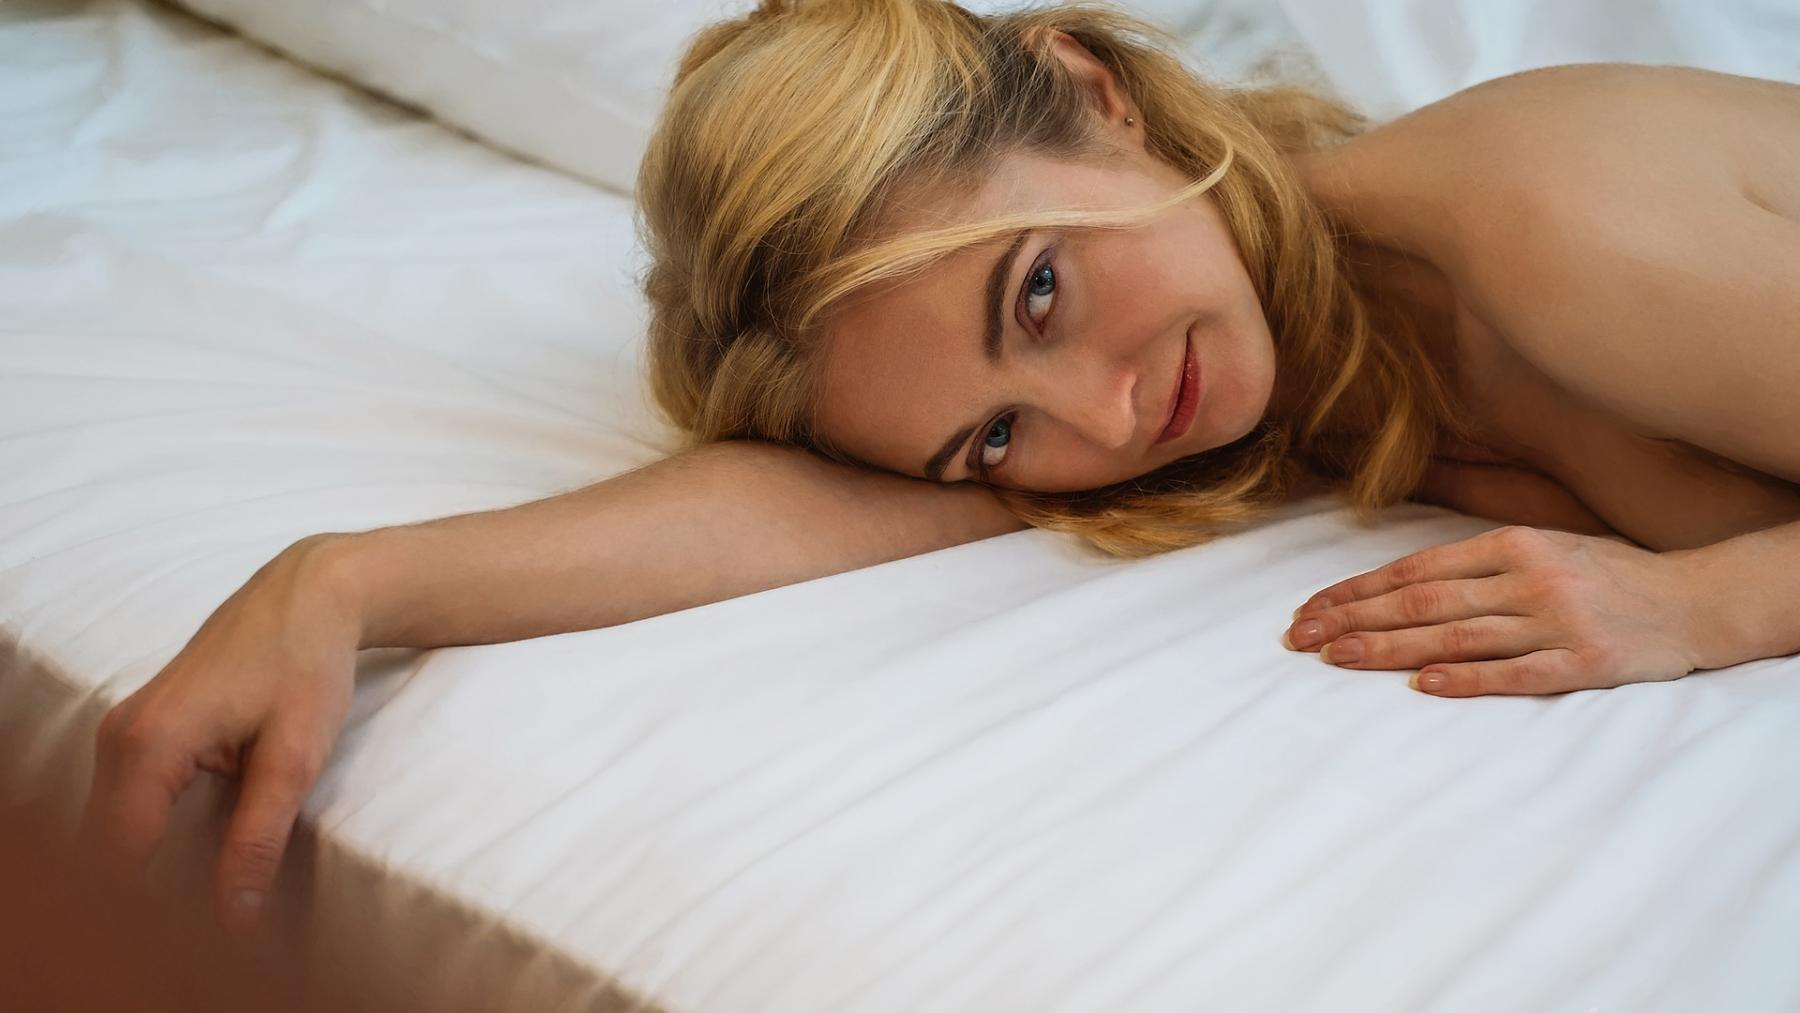 Фото Специалисты назвали худшее время для секса: пересмотрите график 2